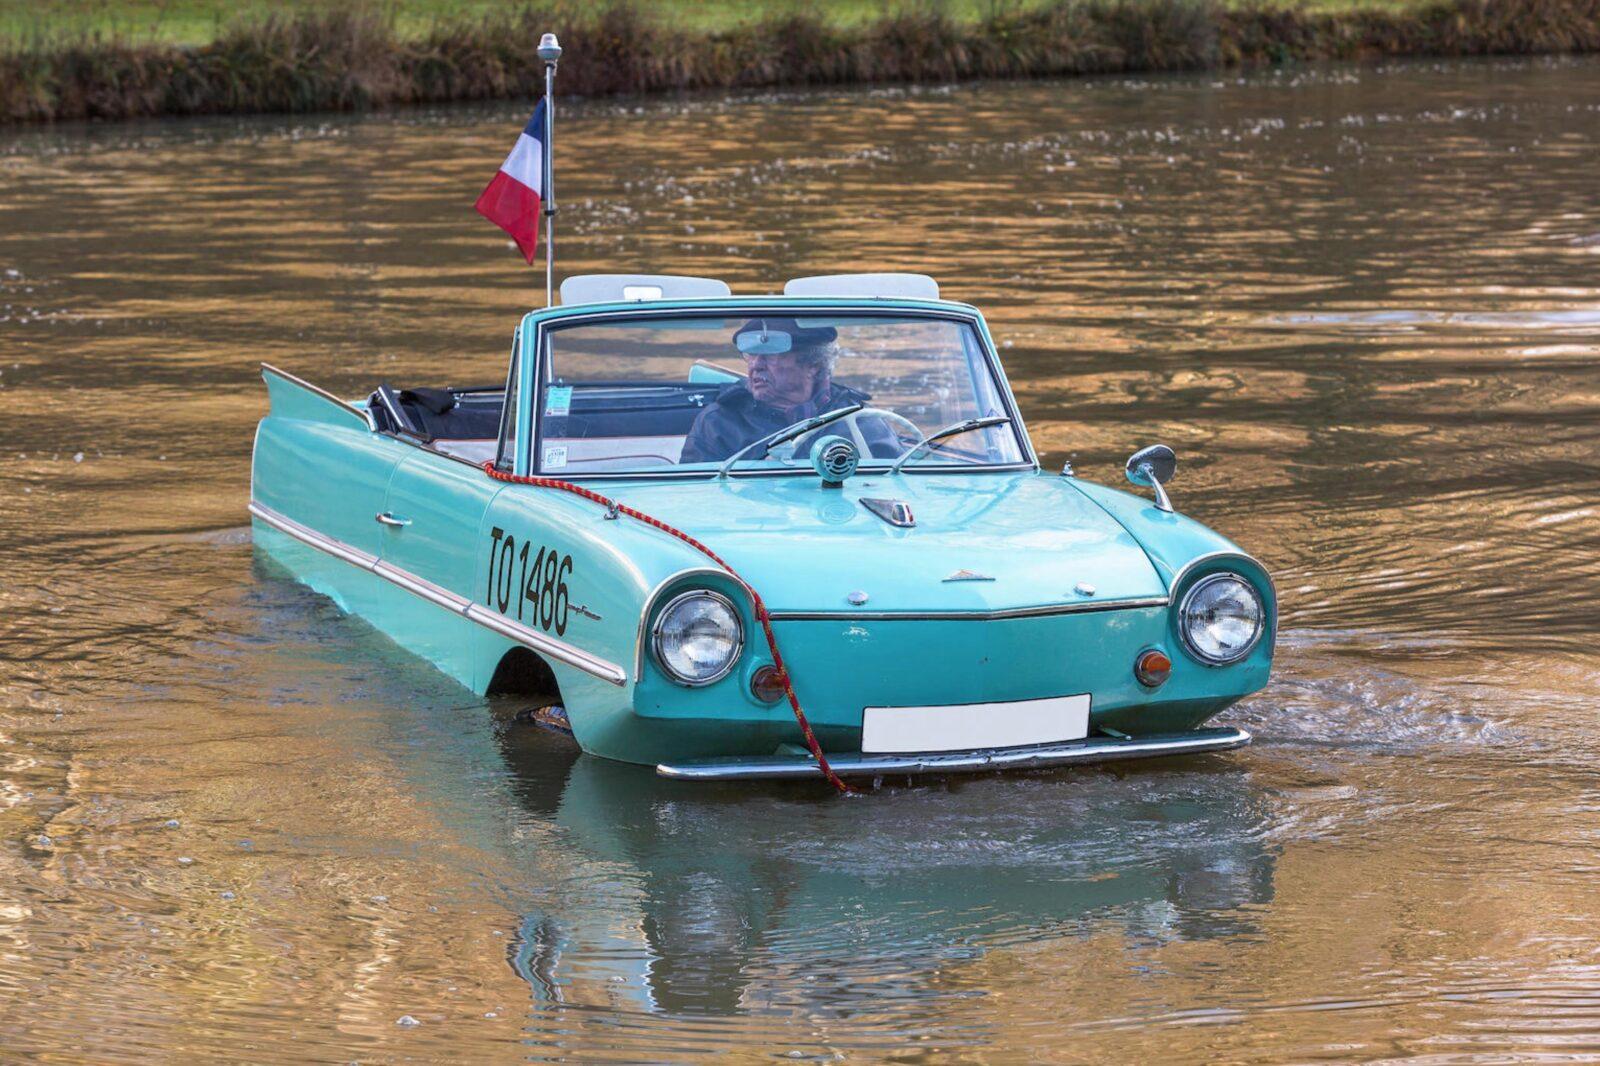 amphibious classic car amphicar main 1600x1066 - An Amphibious Classic: The 1963 Amphicar 770